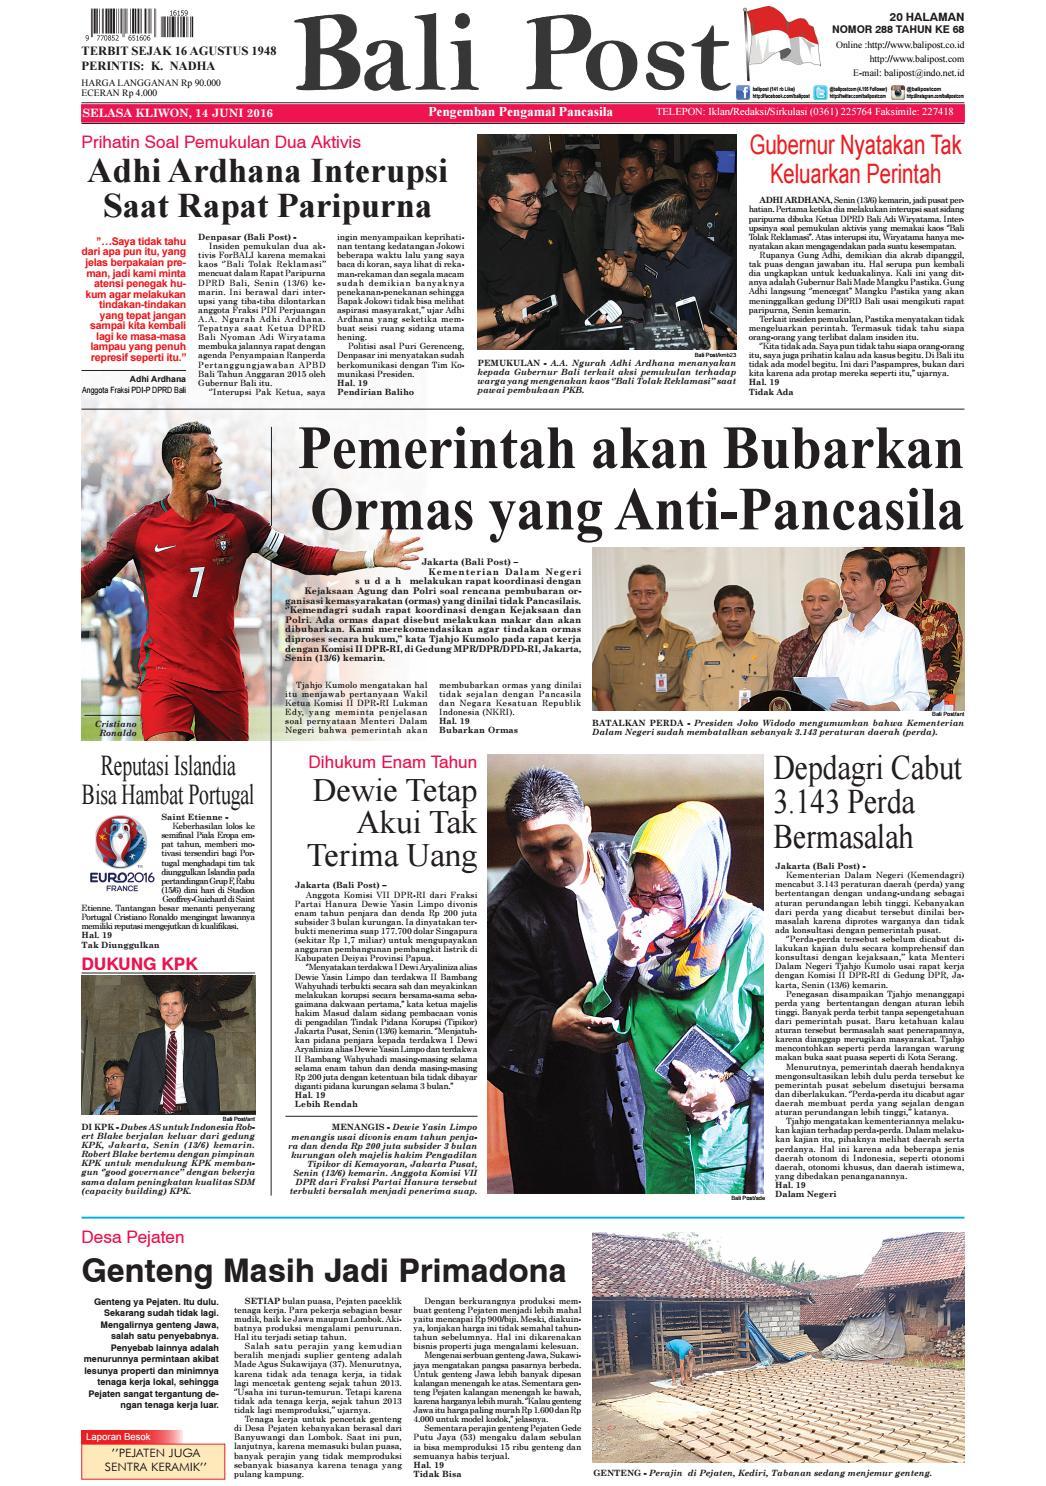 Edisi 14 Juni 2016 Balipostcom By E Paper Kmb Issuu Produk Ukm Bumn Tenun Pagatan Atasan Wanita 4